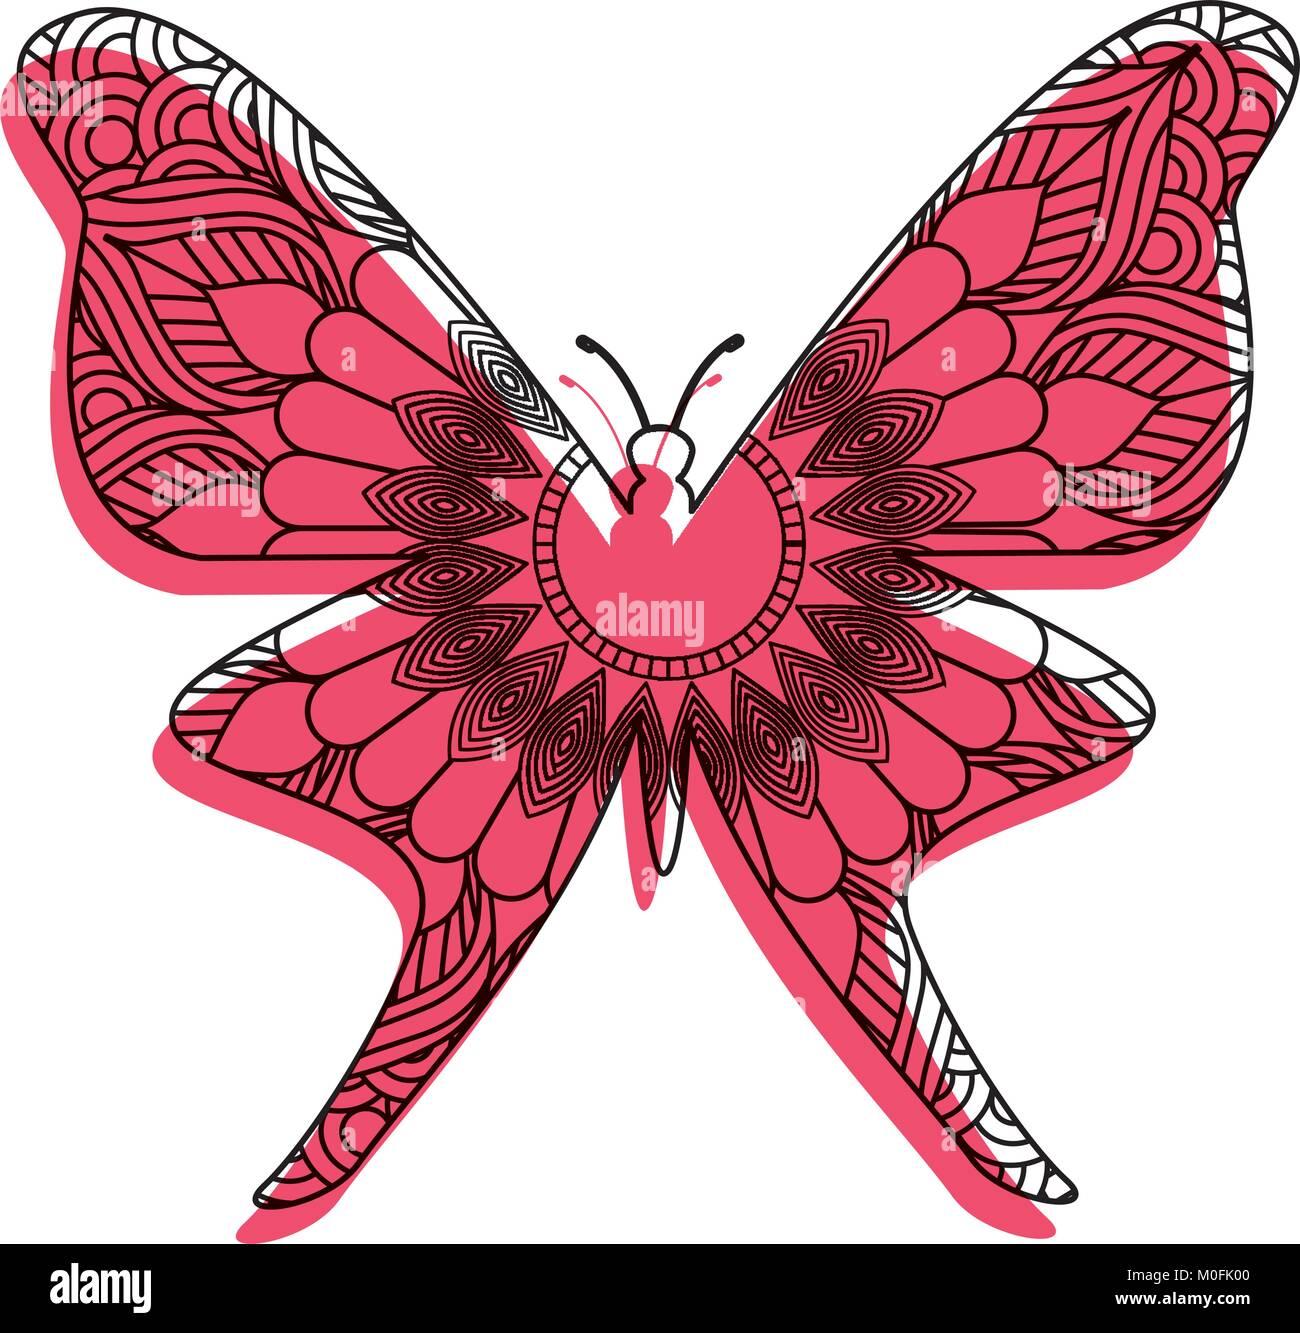 Gemütlich Erweiterte Malvorlagen Schmetterling Ideen - Beispiel ...